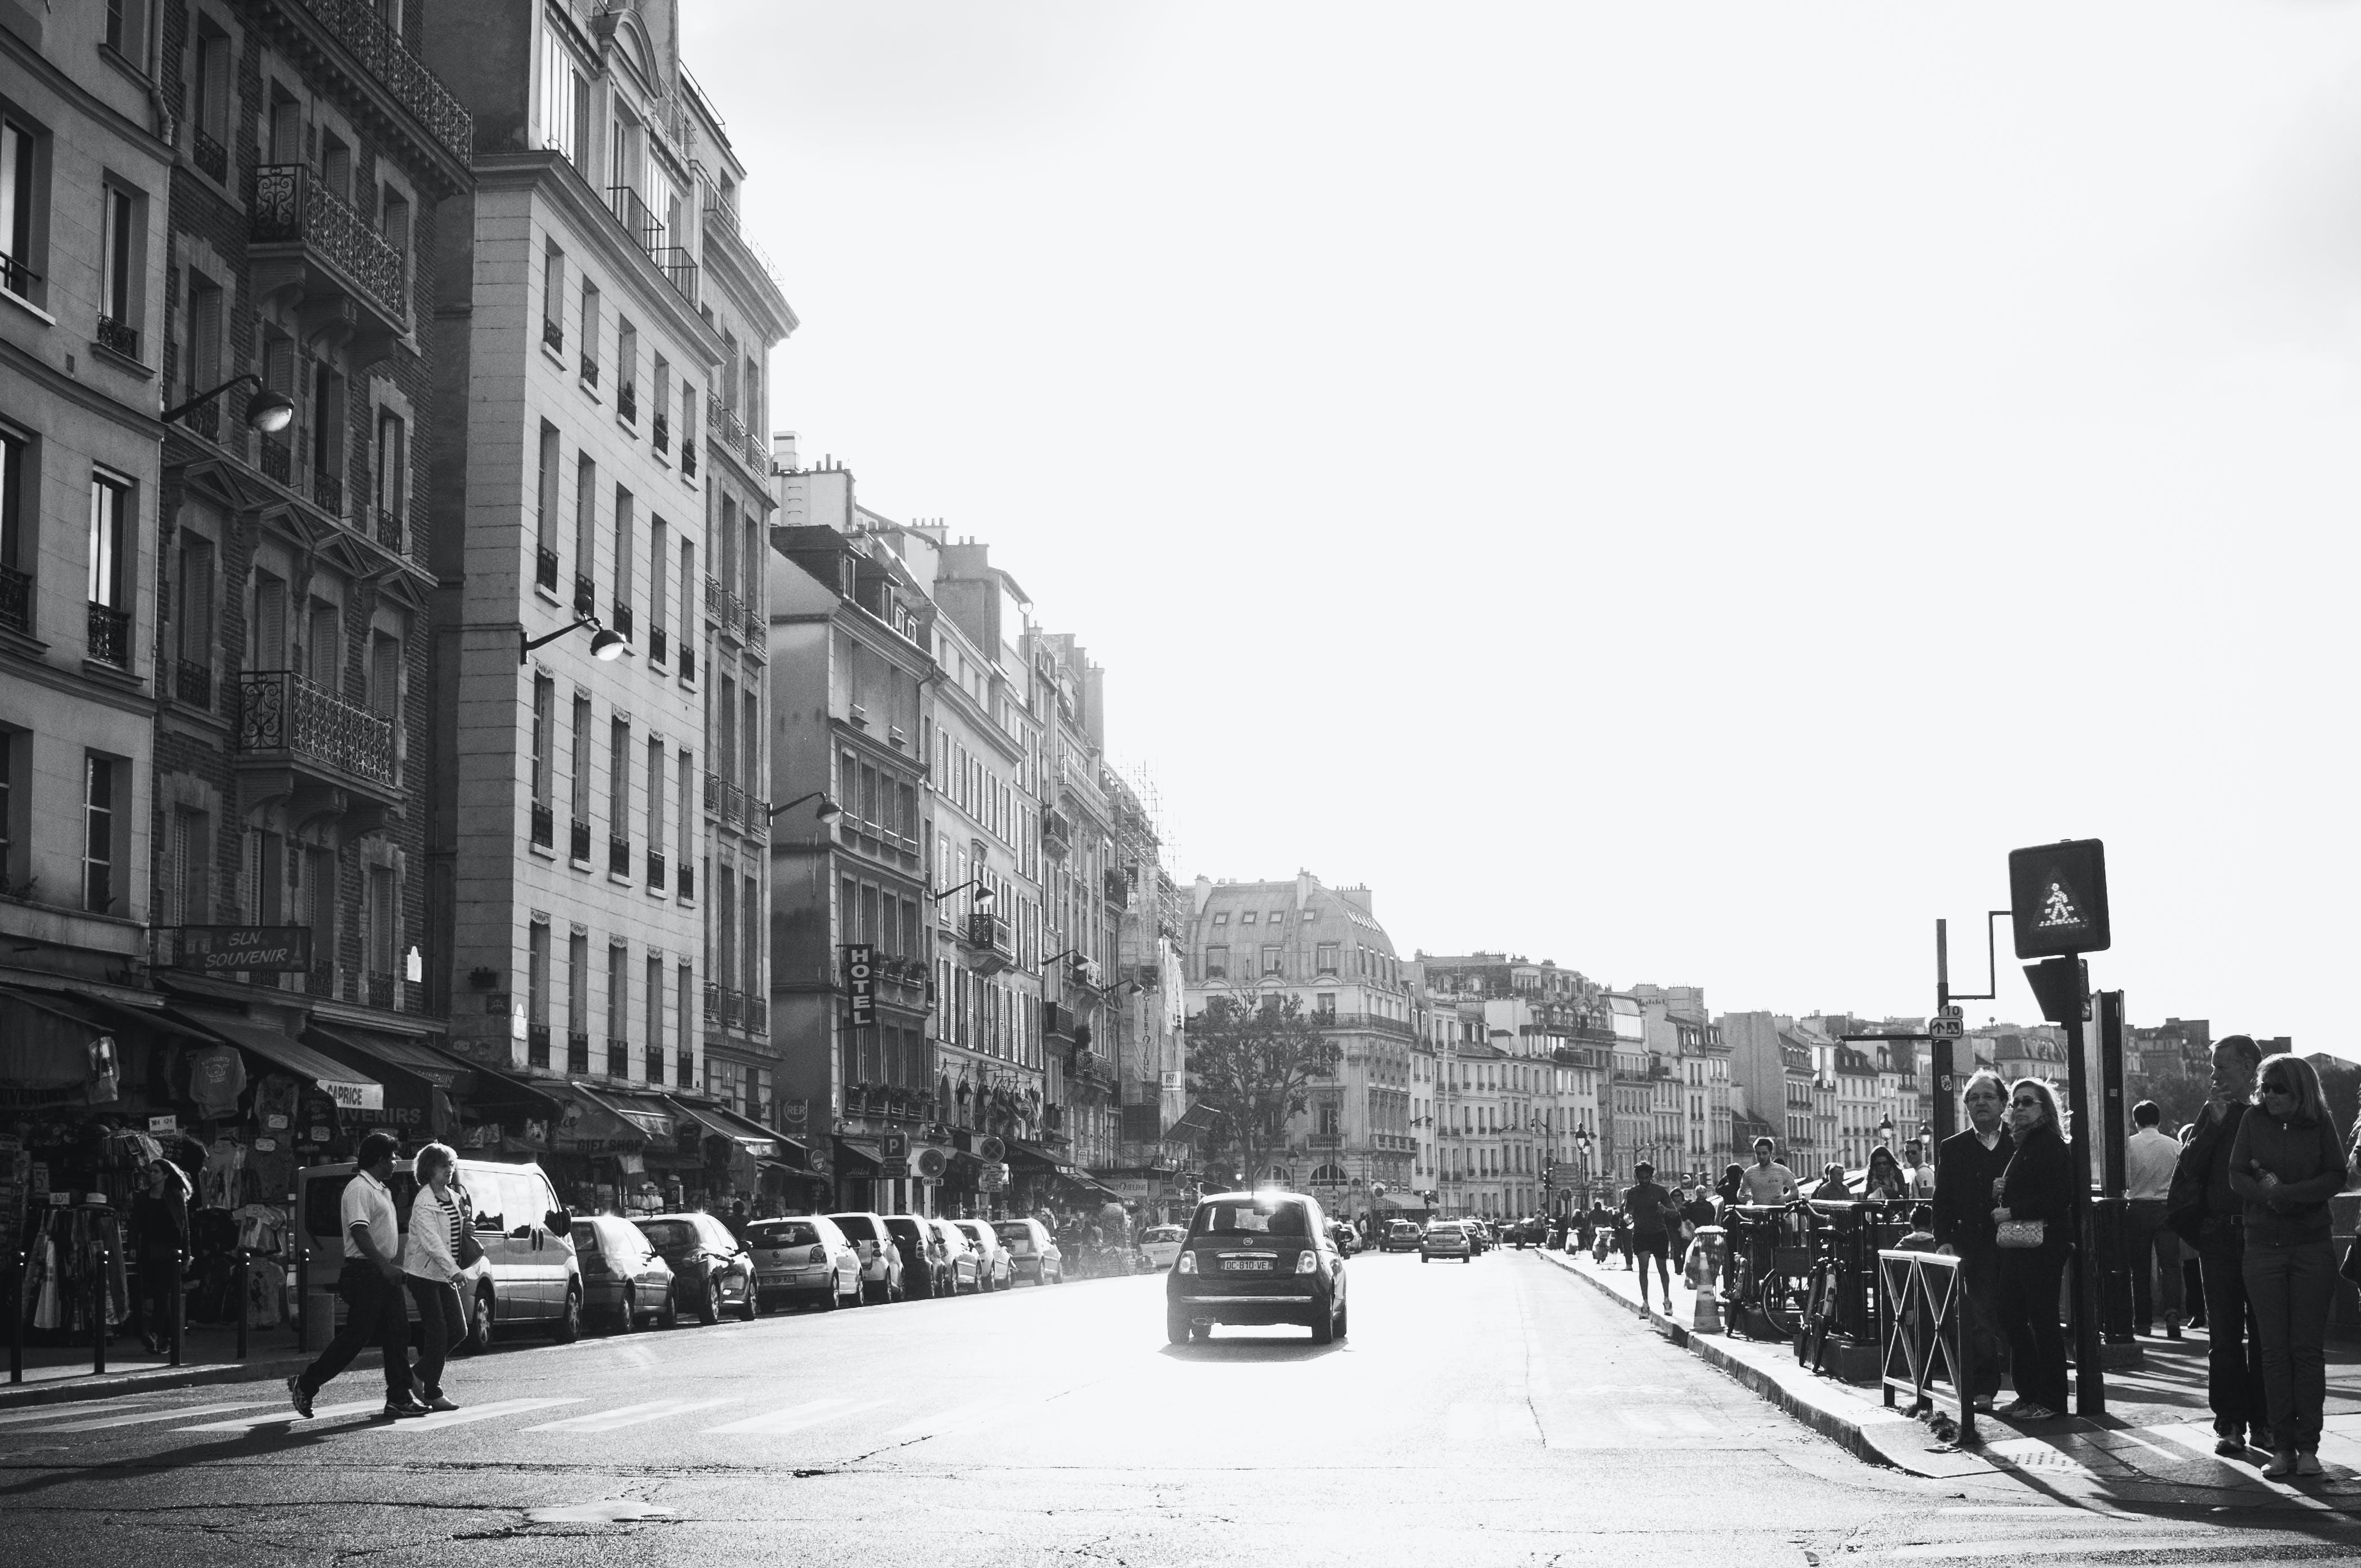 人行道, 城市, 城市生活, 建築 的 免费素材照片